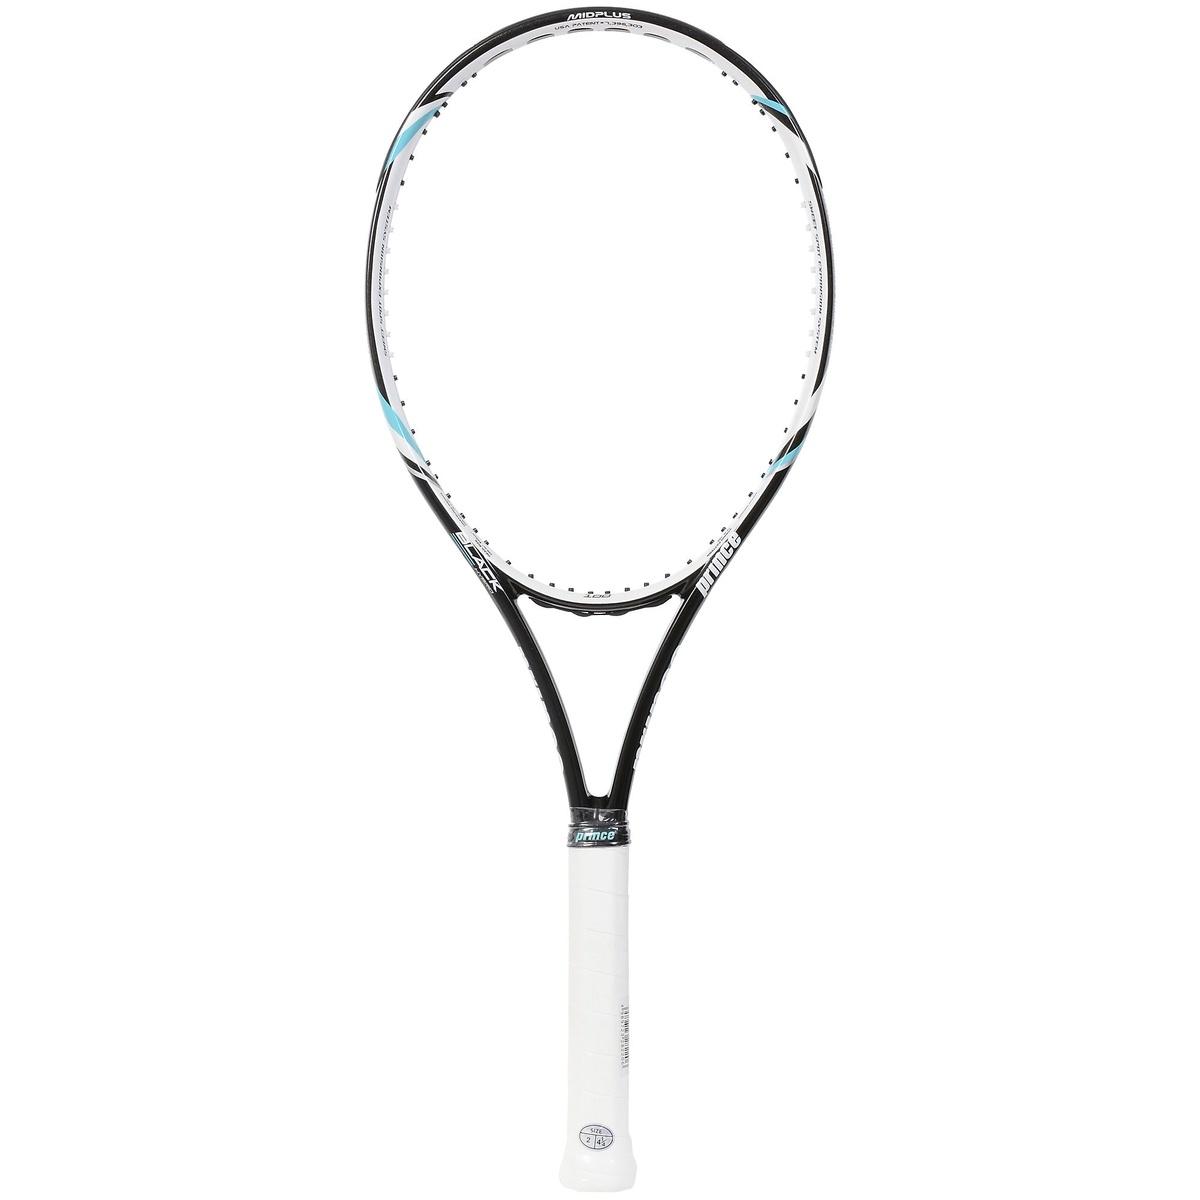 【送料無料】 PRINCE (プリンス) 【フレームのみ】テニス フレームラケット 7TJ042 HYB BLACK 100 MG 7TJ042